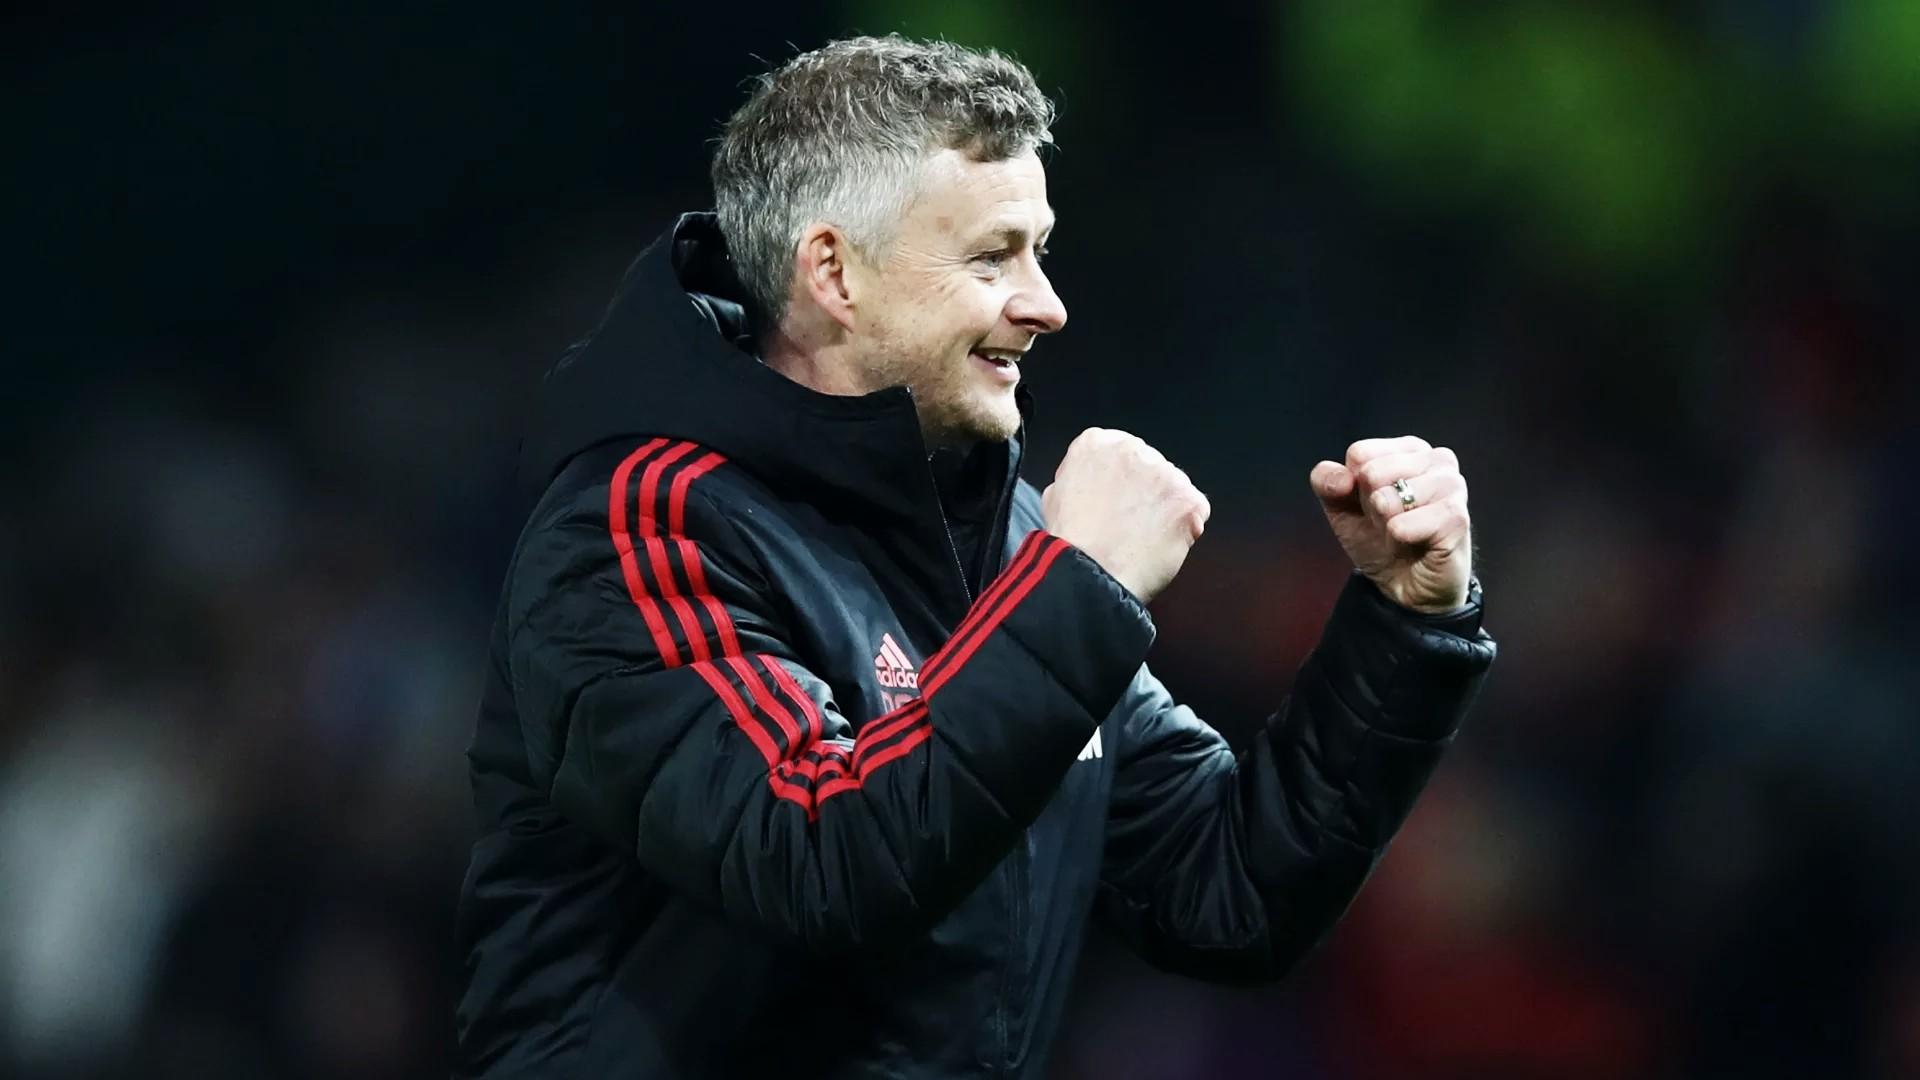 Man City tan nát, đã đến lúc Man United gạch tên Maddison và Grealish - Bóng Đá